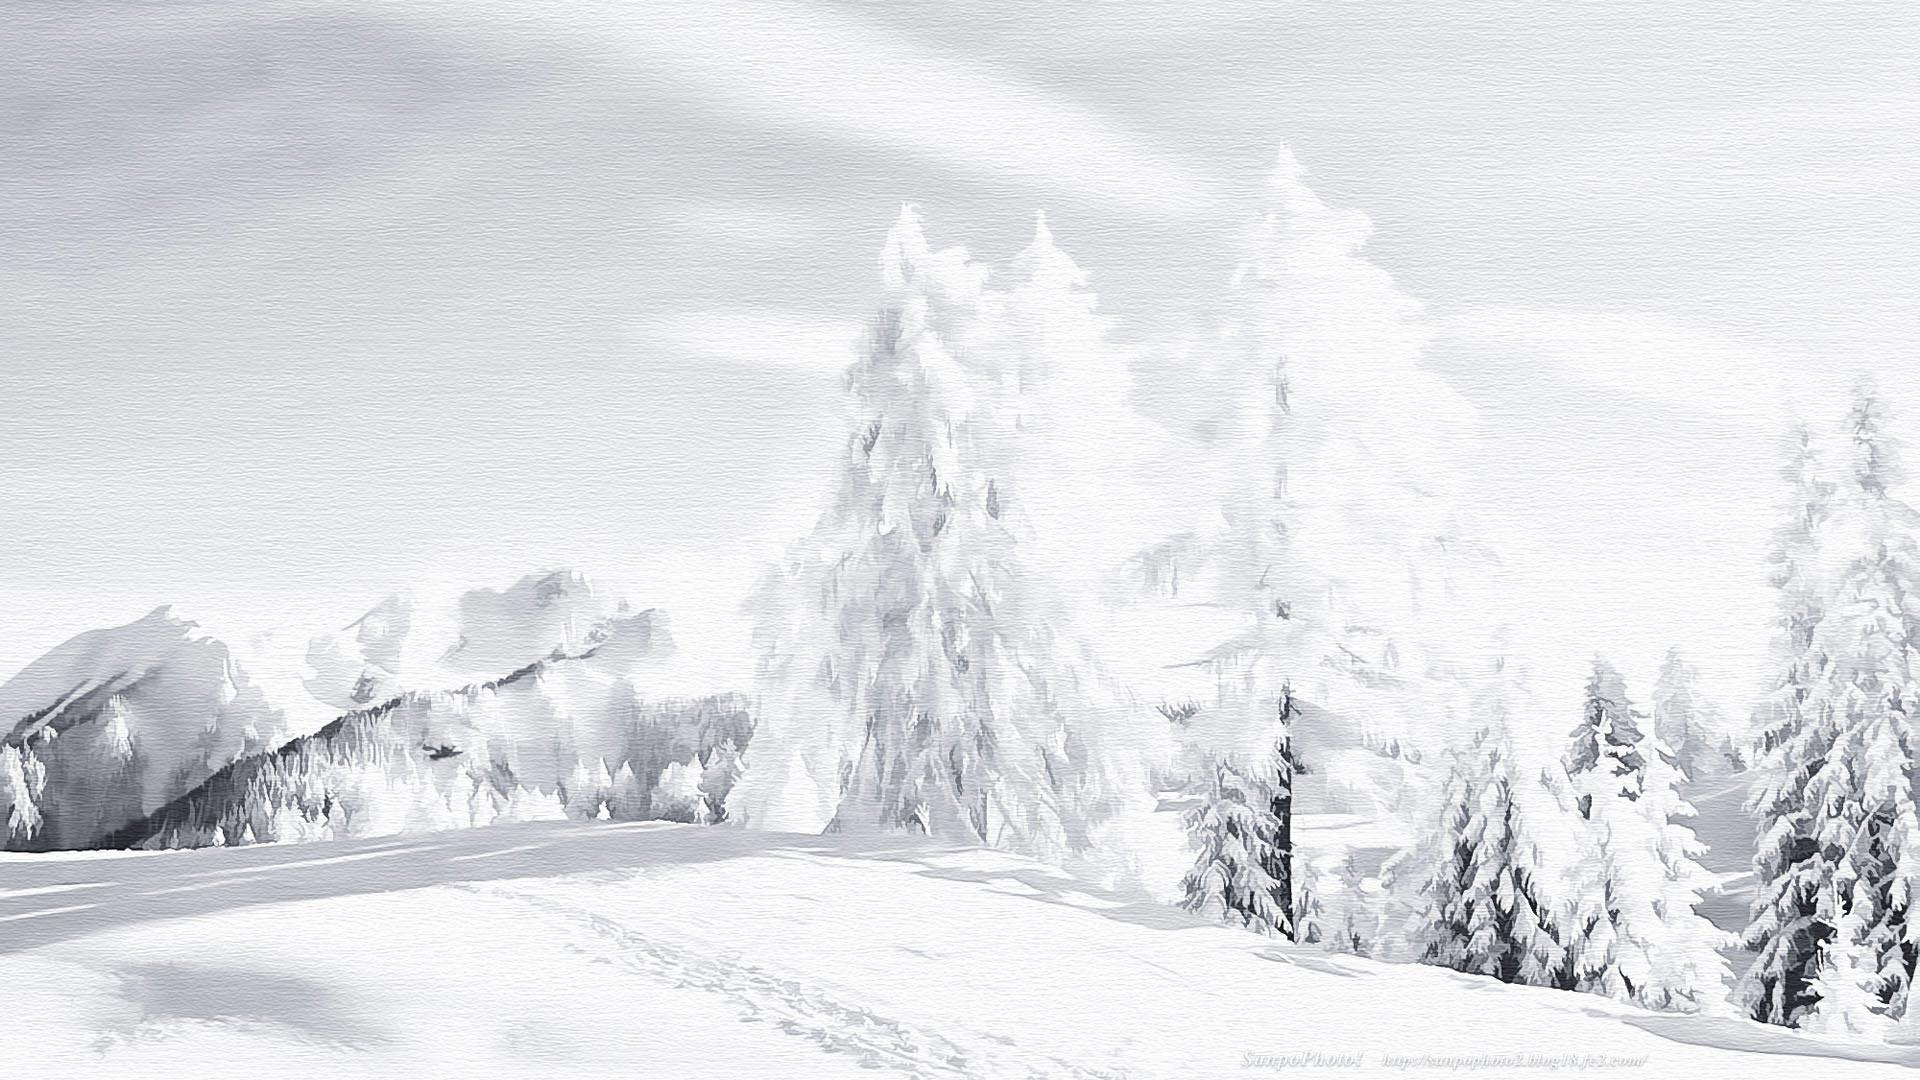 さんぽふぉと Sanpophoto 無料壁紙 冬の風景